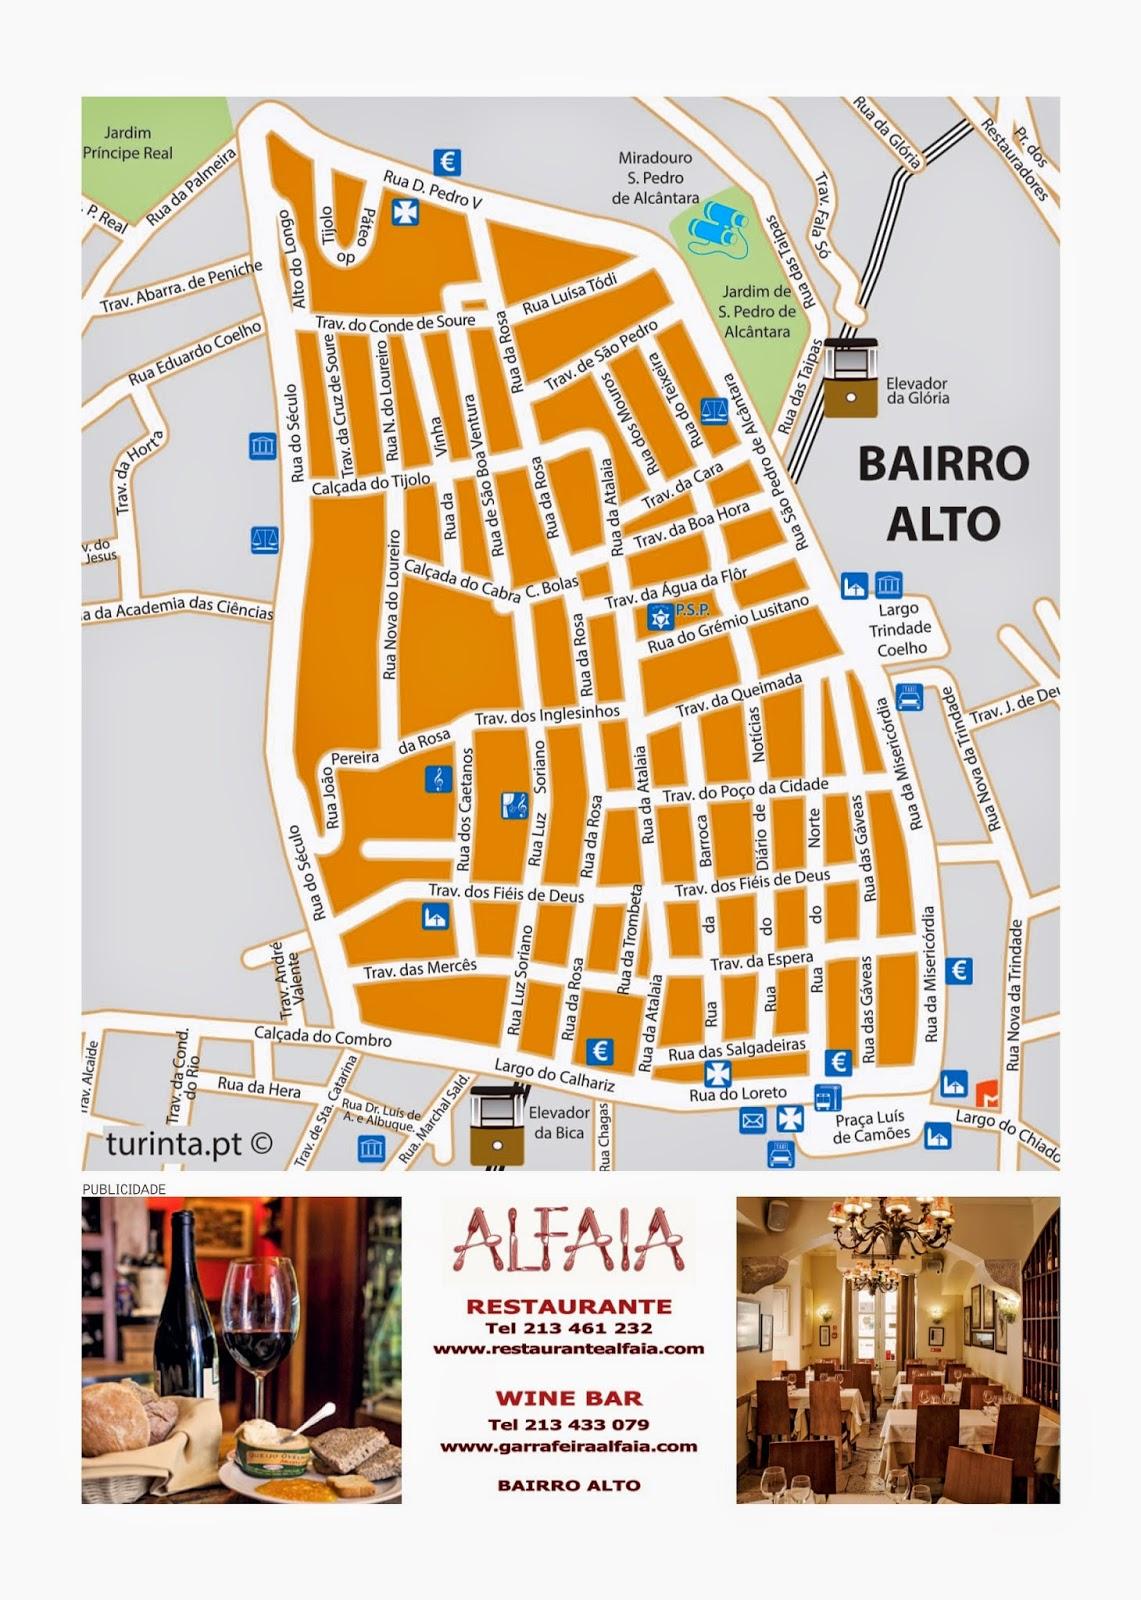 mapa do bairro alto lisboa ASSOCIAÇÃO DE COMERCIANTES DO BAIRRO ALTO: Outubro 2014 mapa do bairro alto lisboa